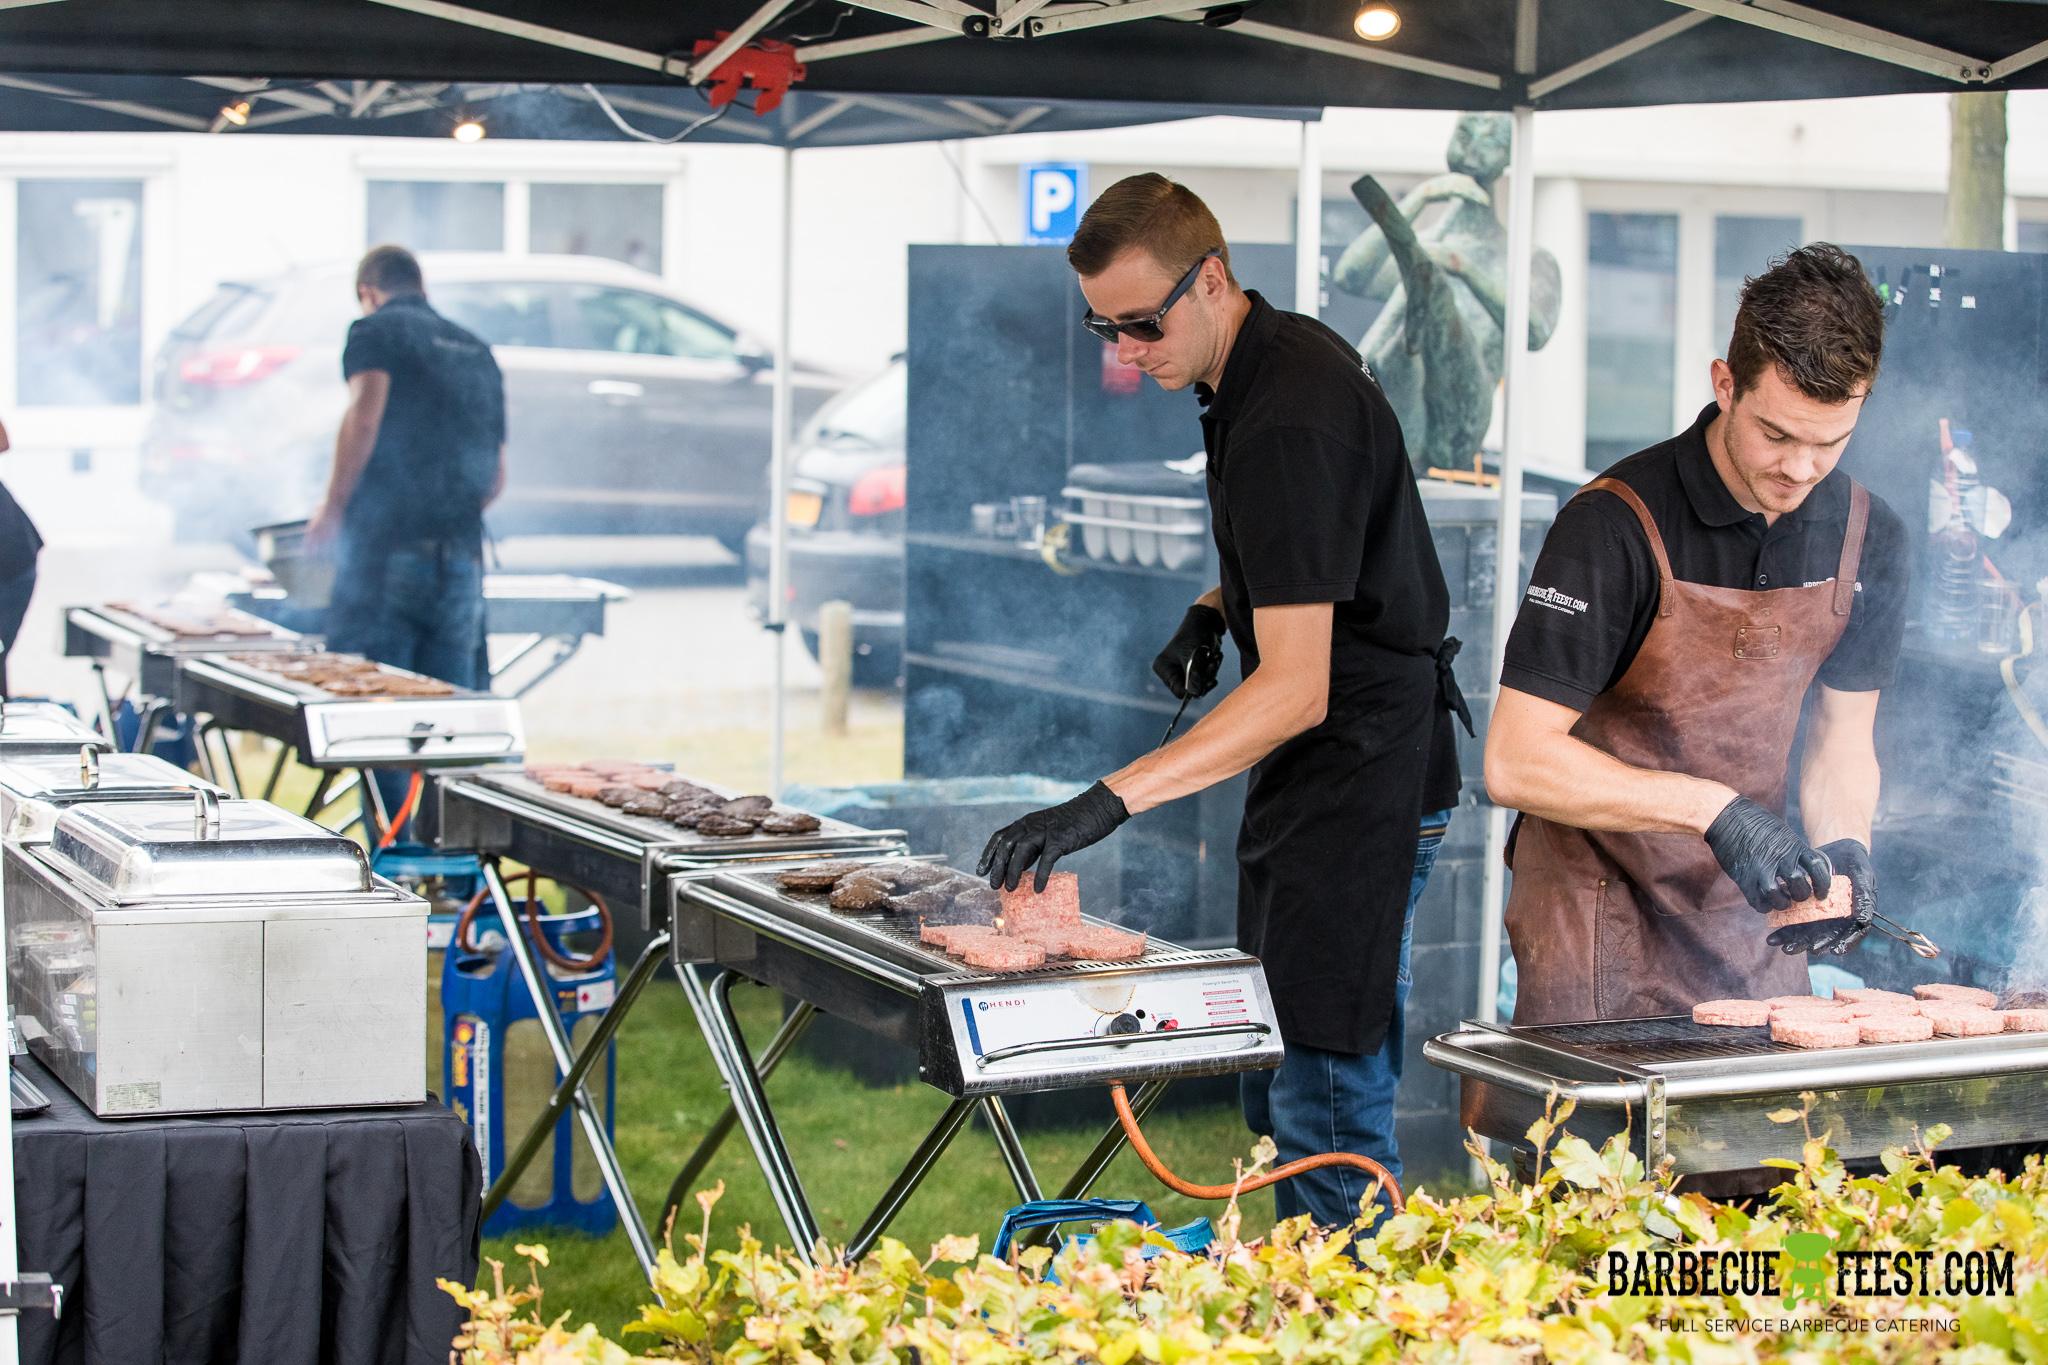 Barbecue Oud Gastel | Webtop20